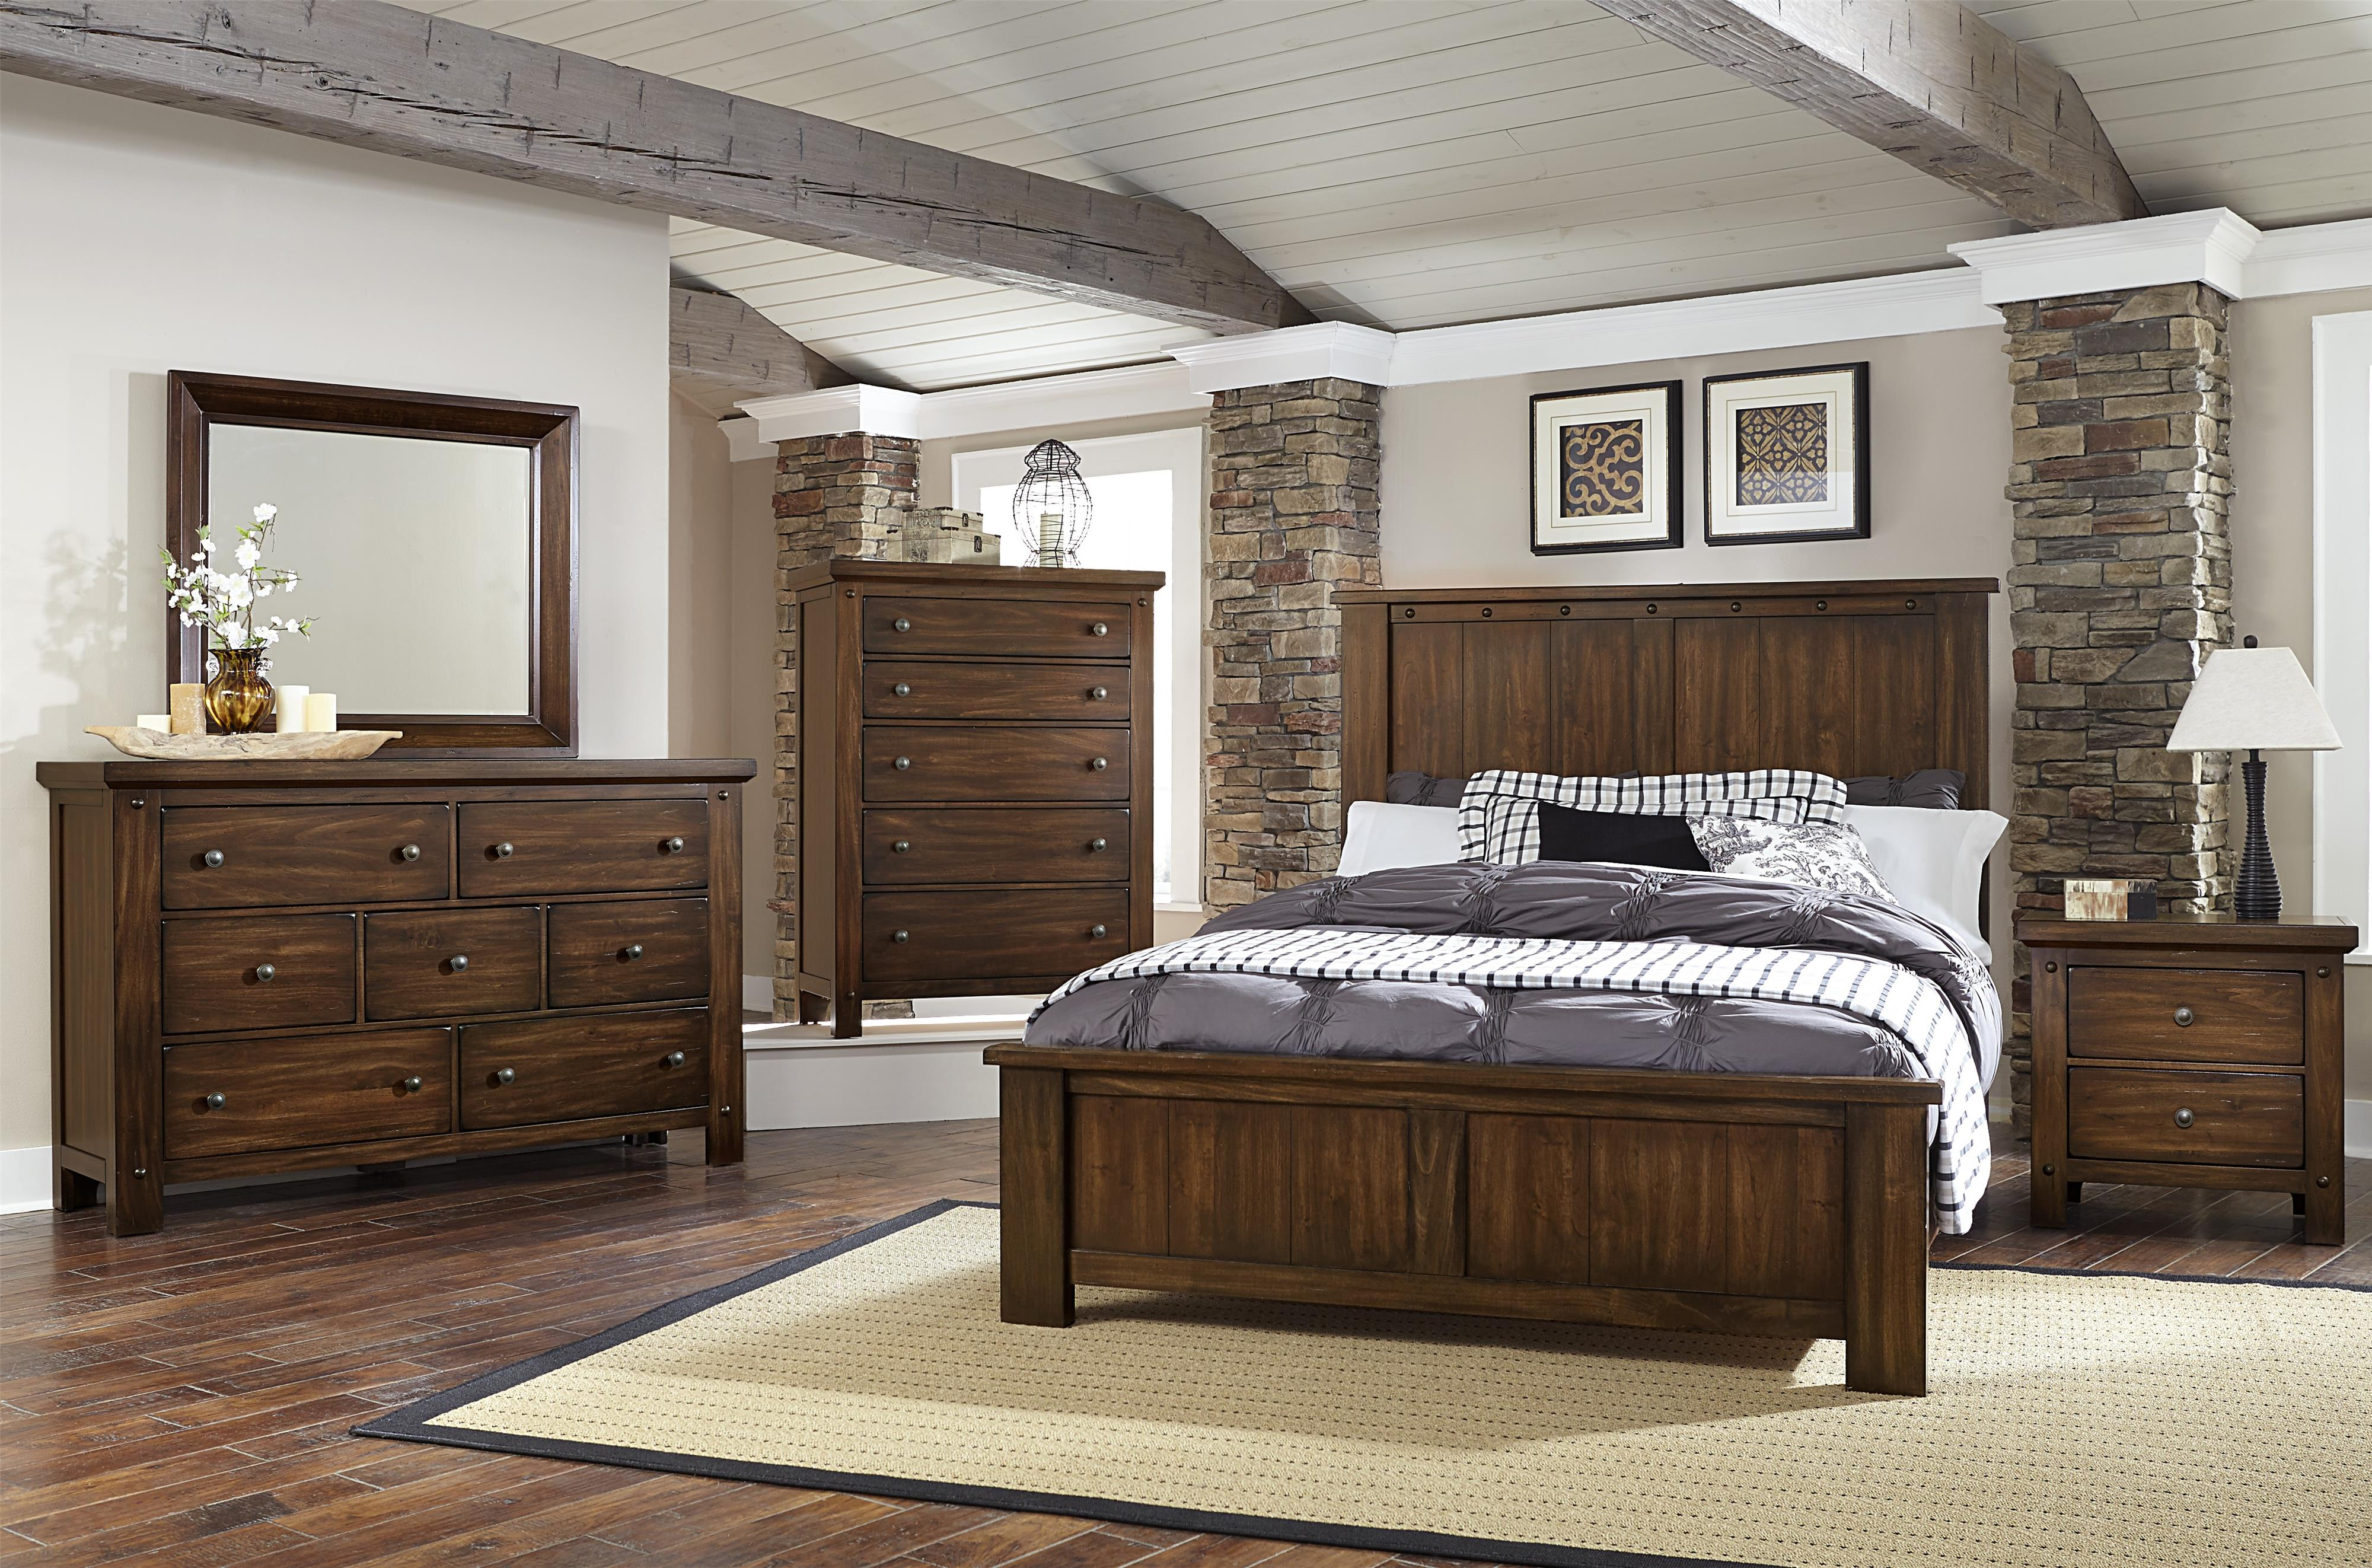 vaughan bassett belfort furniture vaughan bassett collaboration